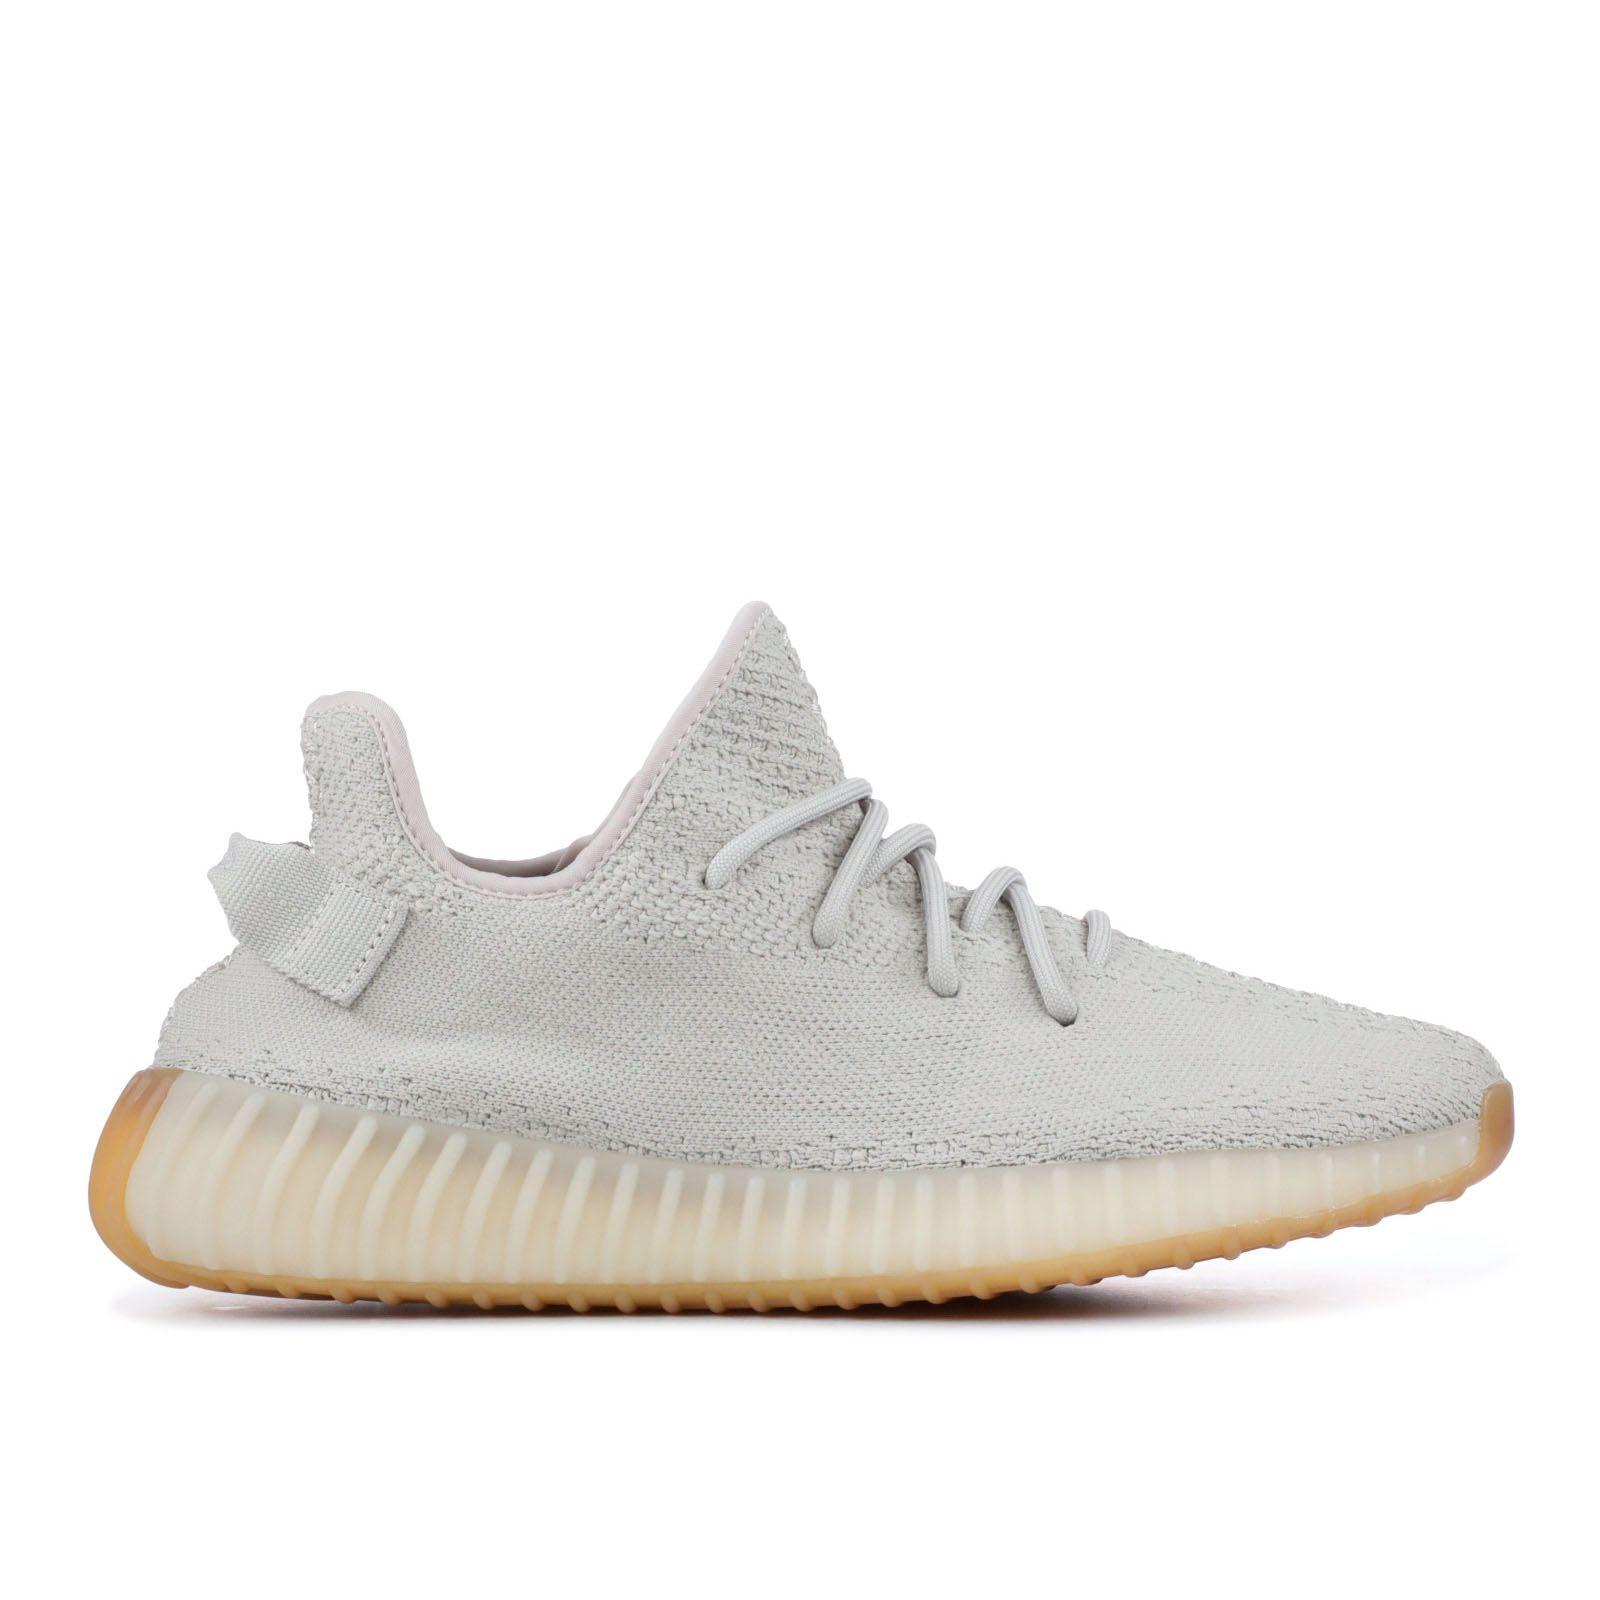 adidas yeezy boost 350 'sesame'  yeezy yeezy boost